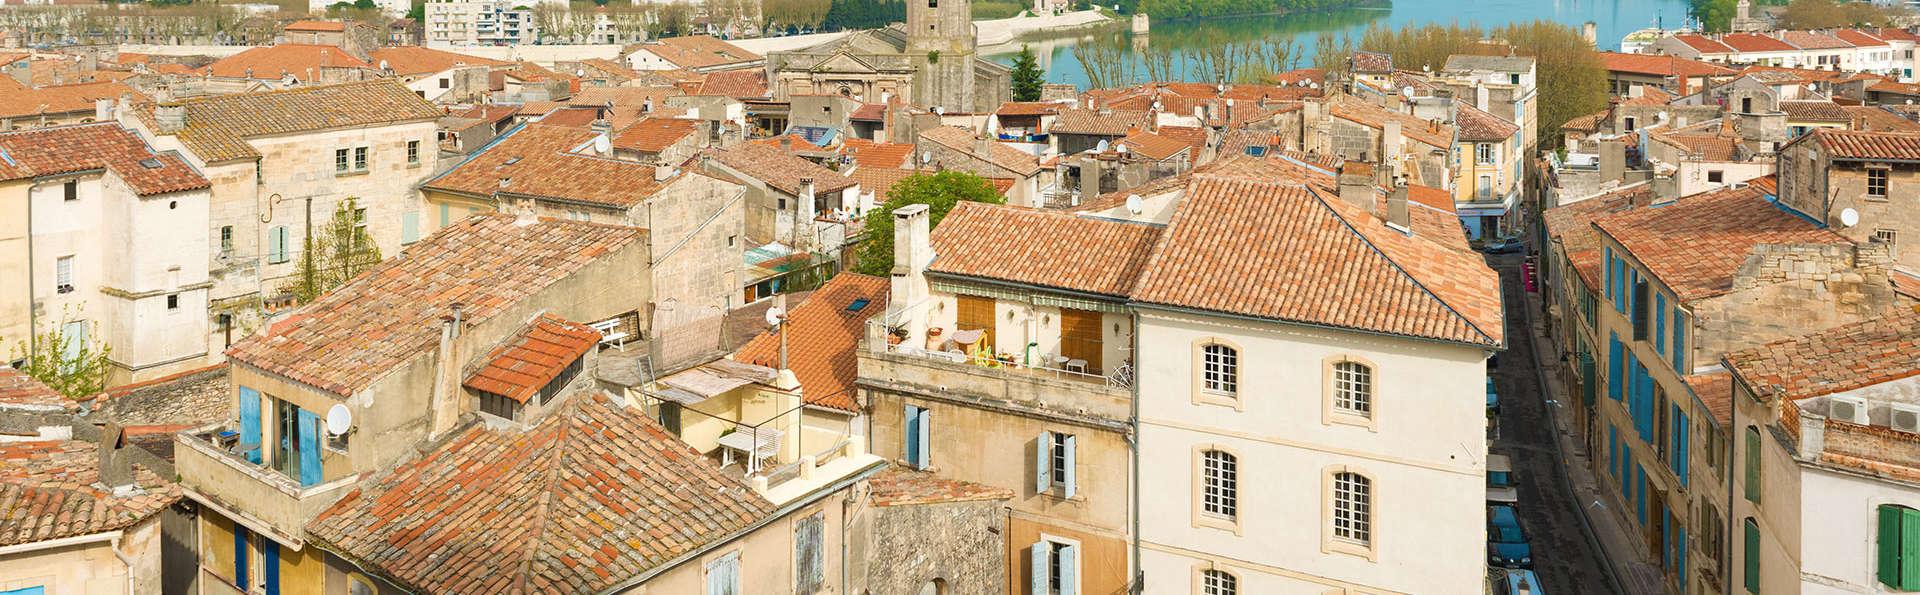 Hotel The Originals Arles Mireille (ex Inter-Hotel) - Edit_Destination4.jpg